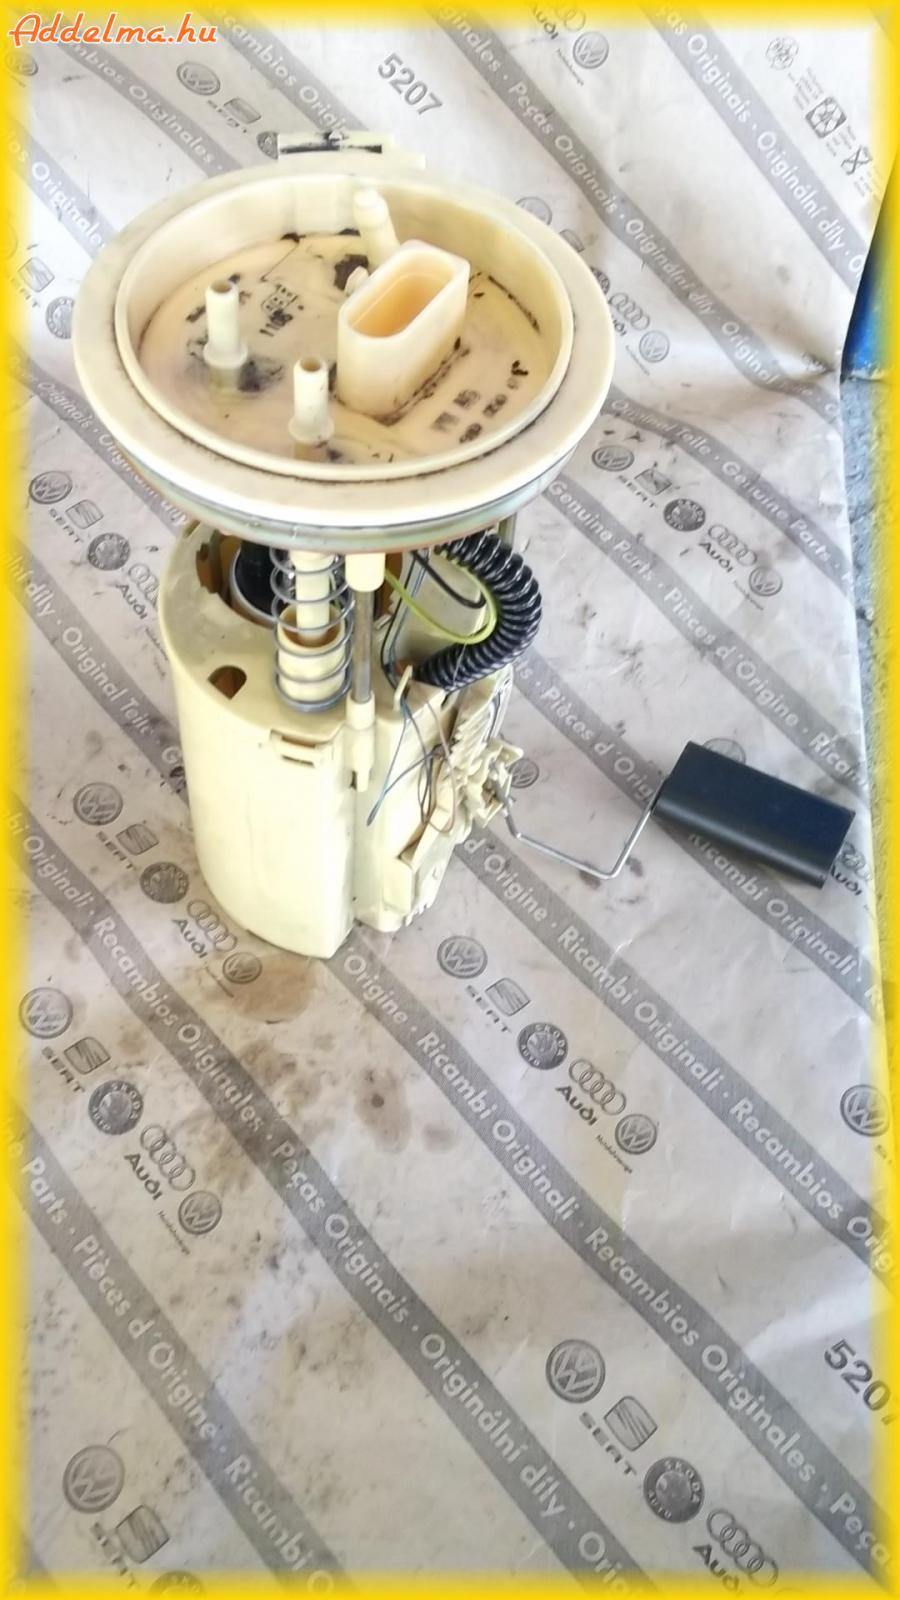 AC pumpa, üzemanyagszivattyú nagy választékban